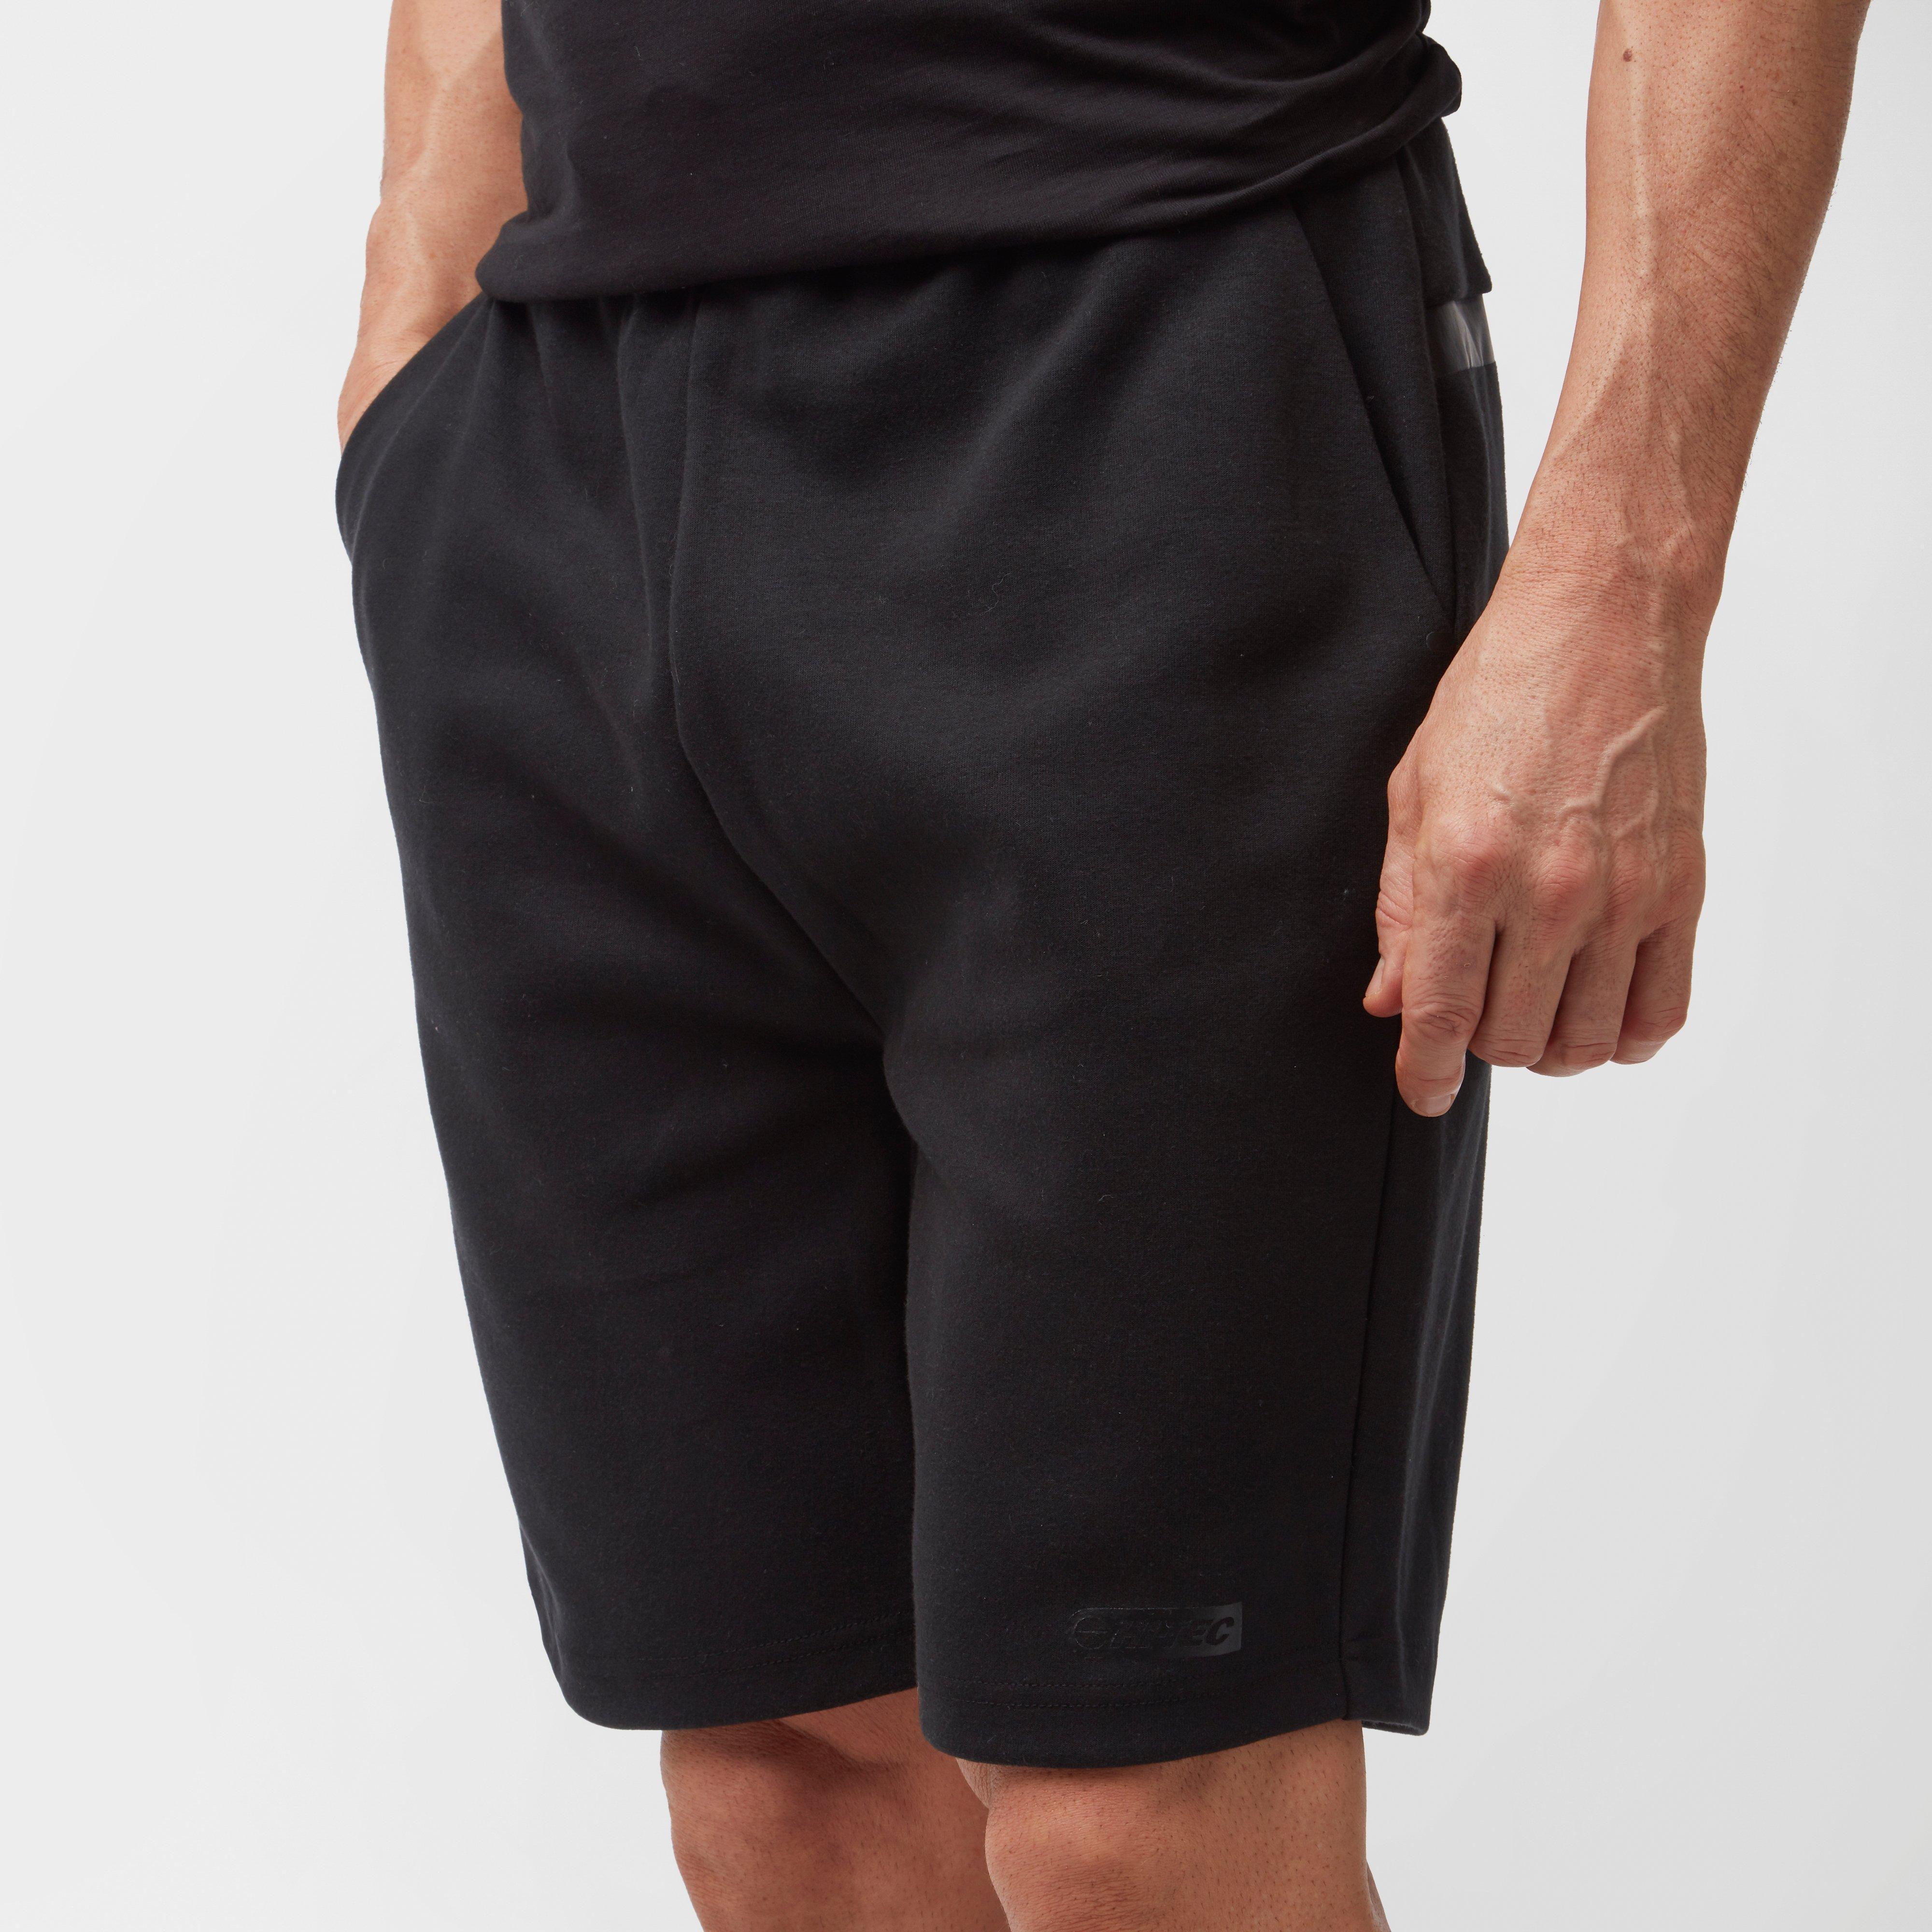 Hi Tec Roy Shorts - Black/blk  Black/blk